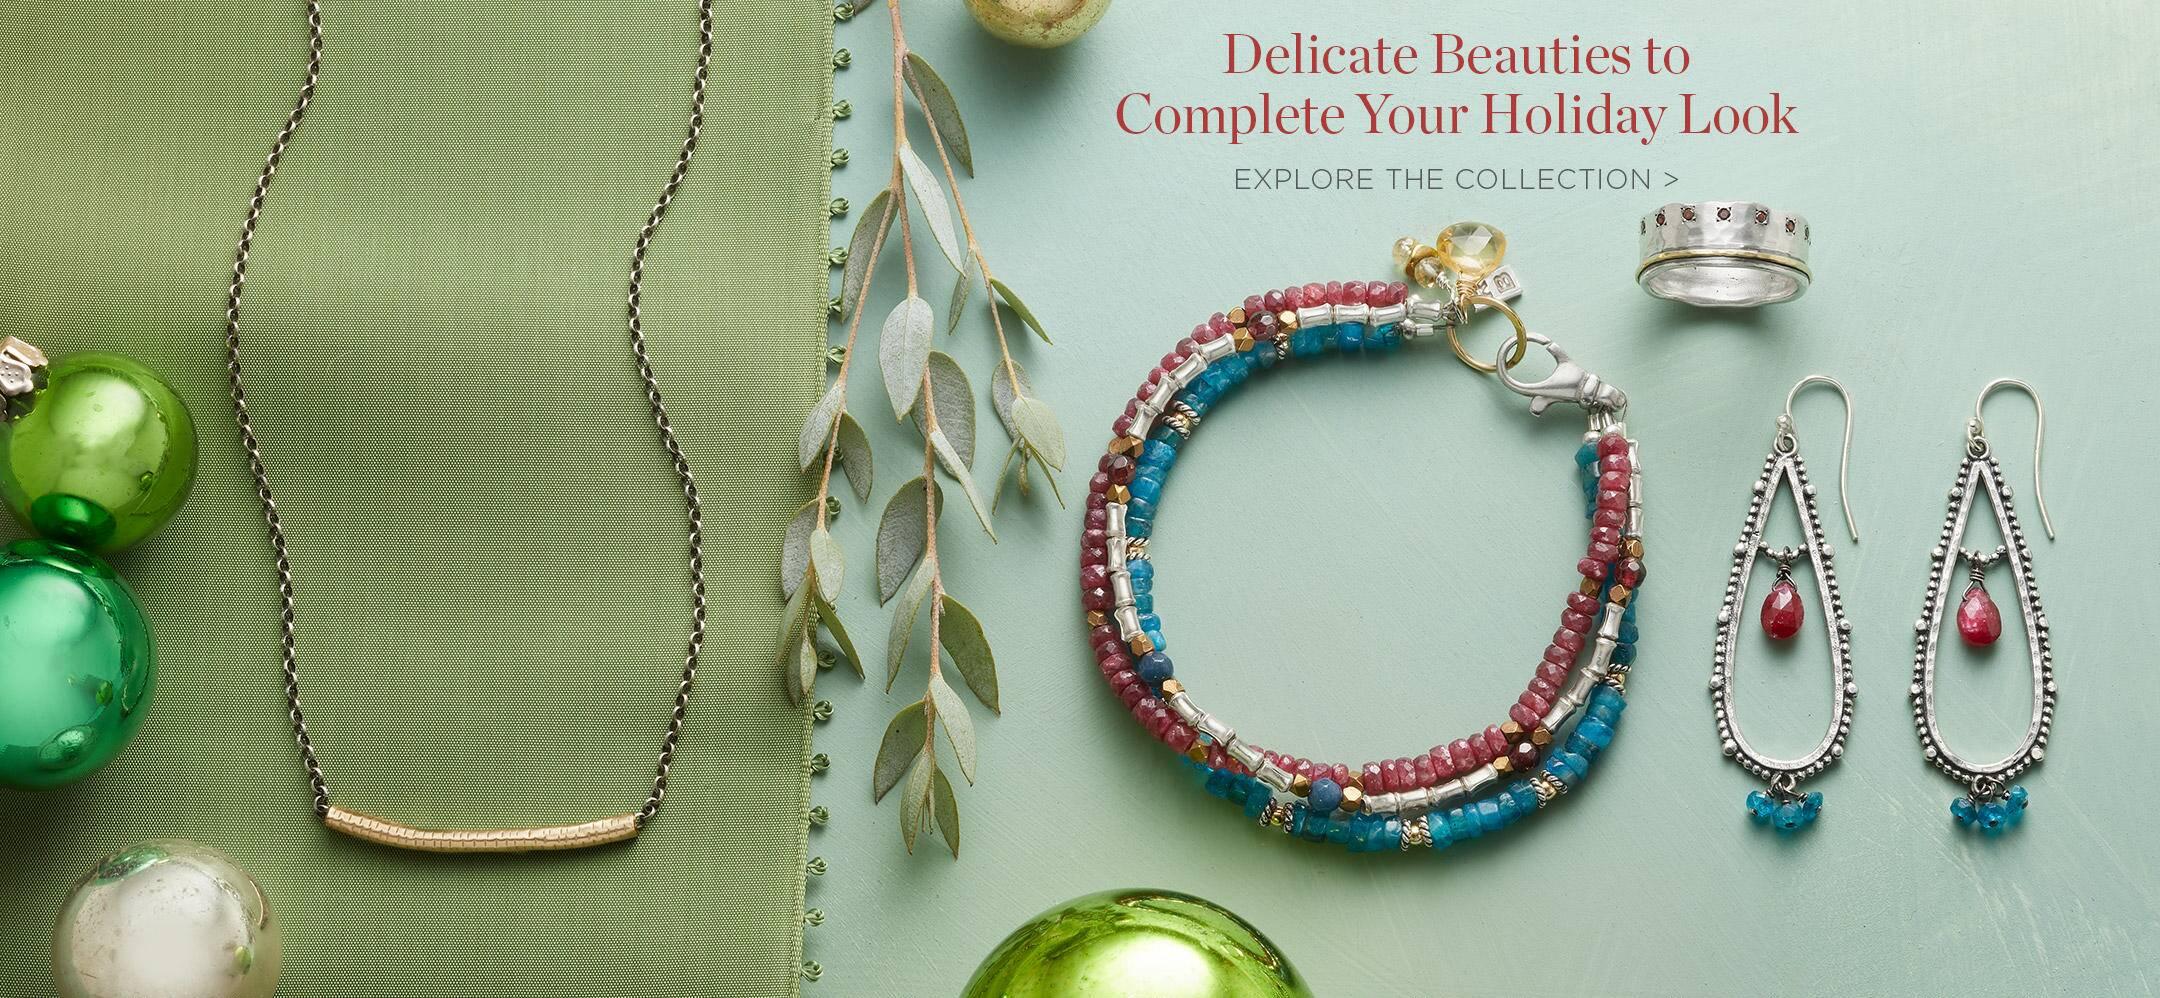 Shop Delicate Beauties